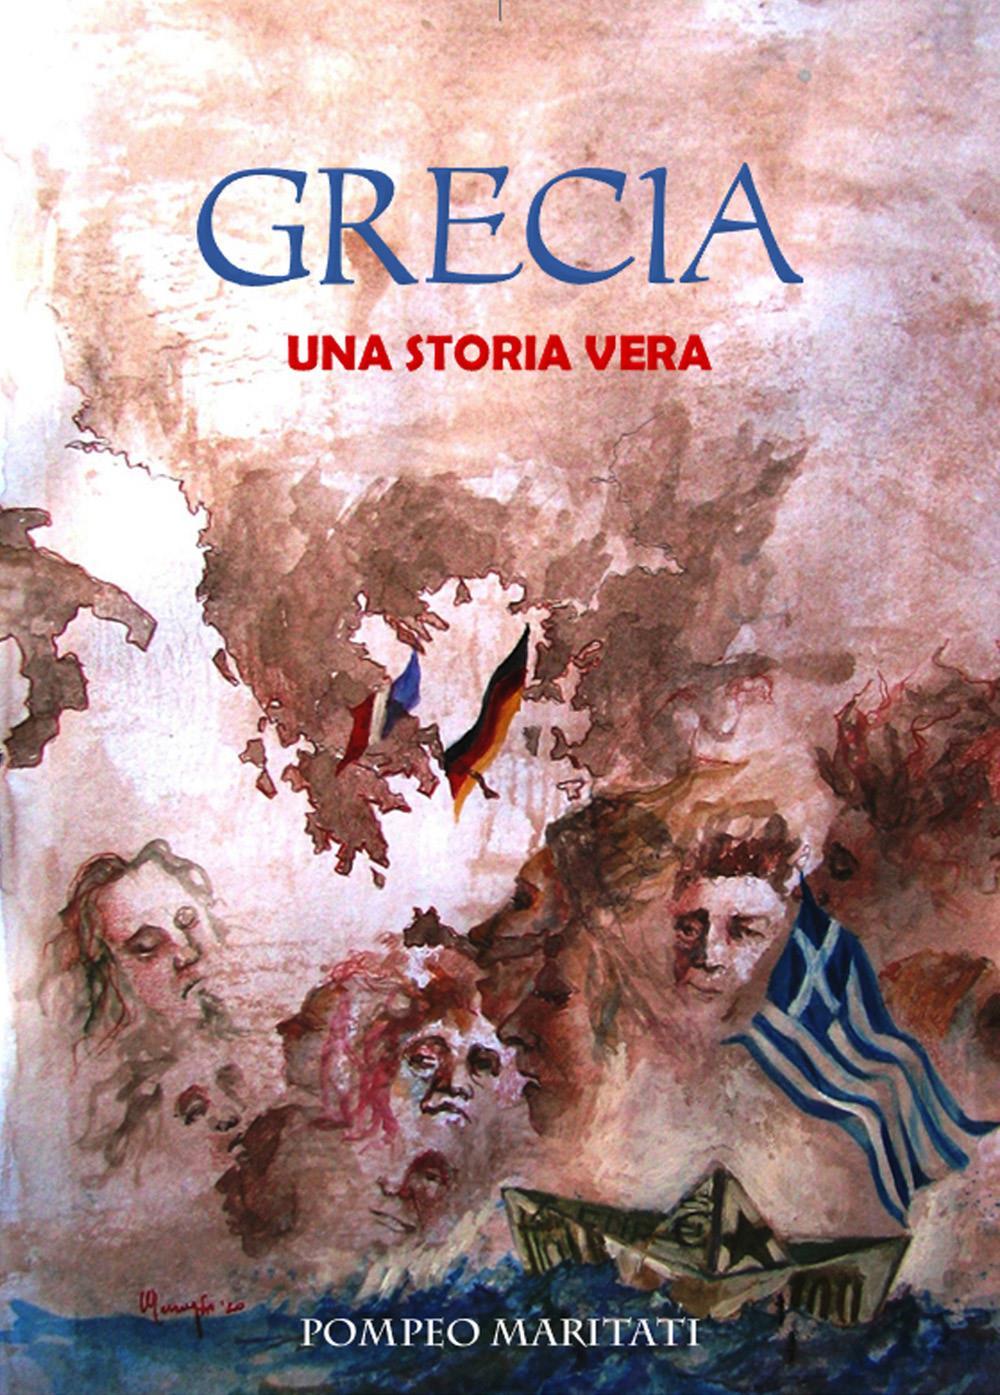 GRECIA Una storia vera